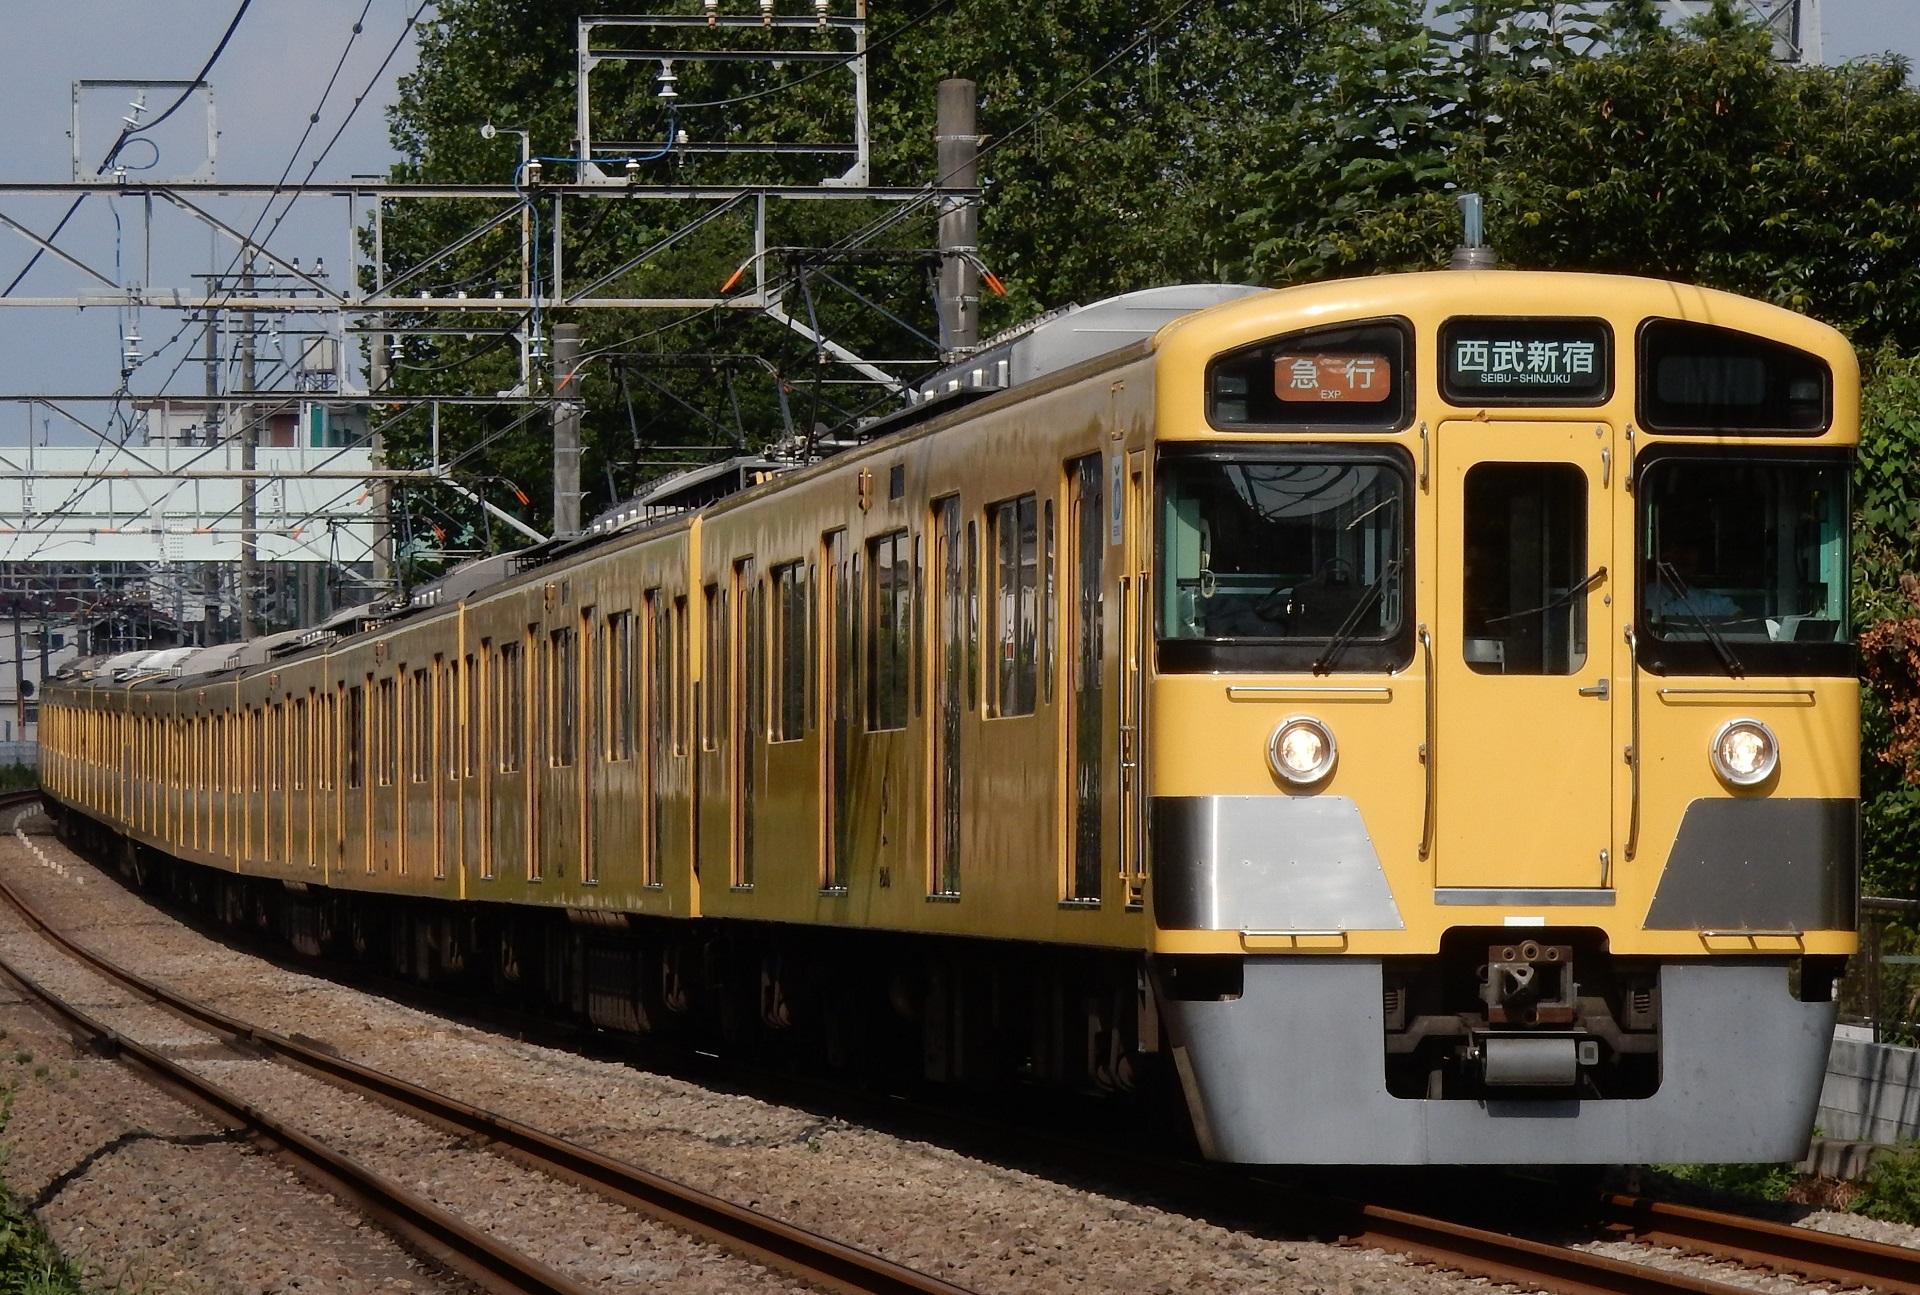 DSCN4917 - コピー